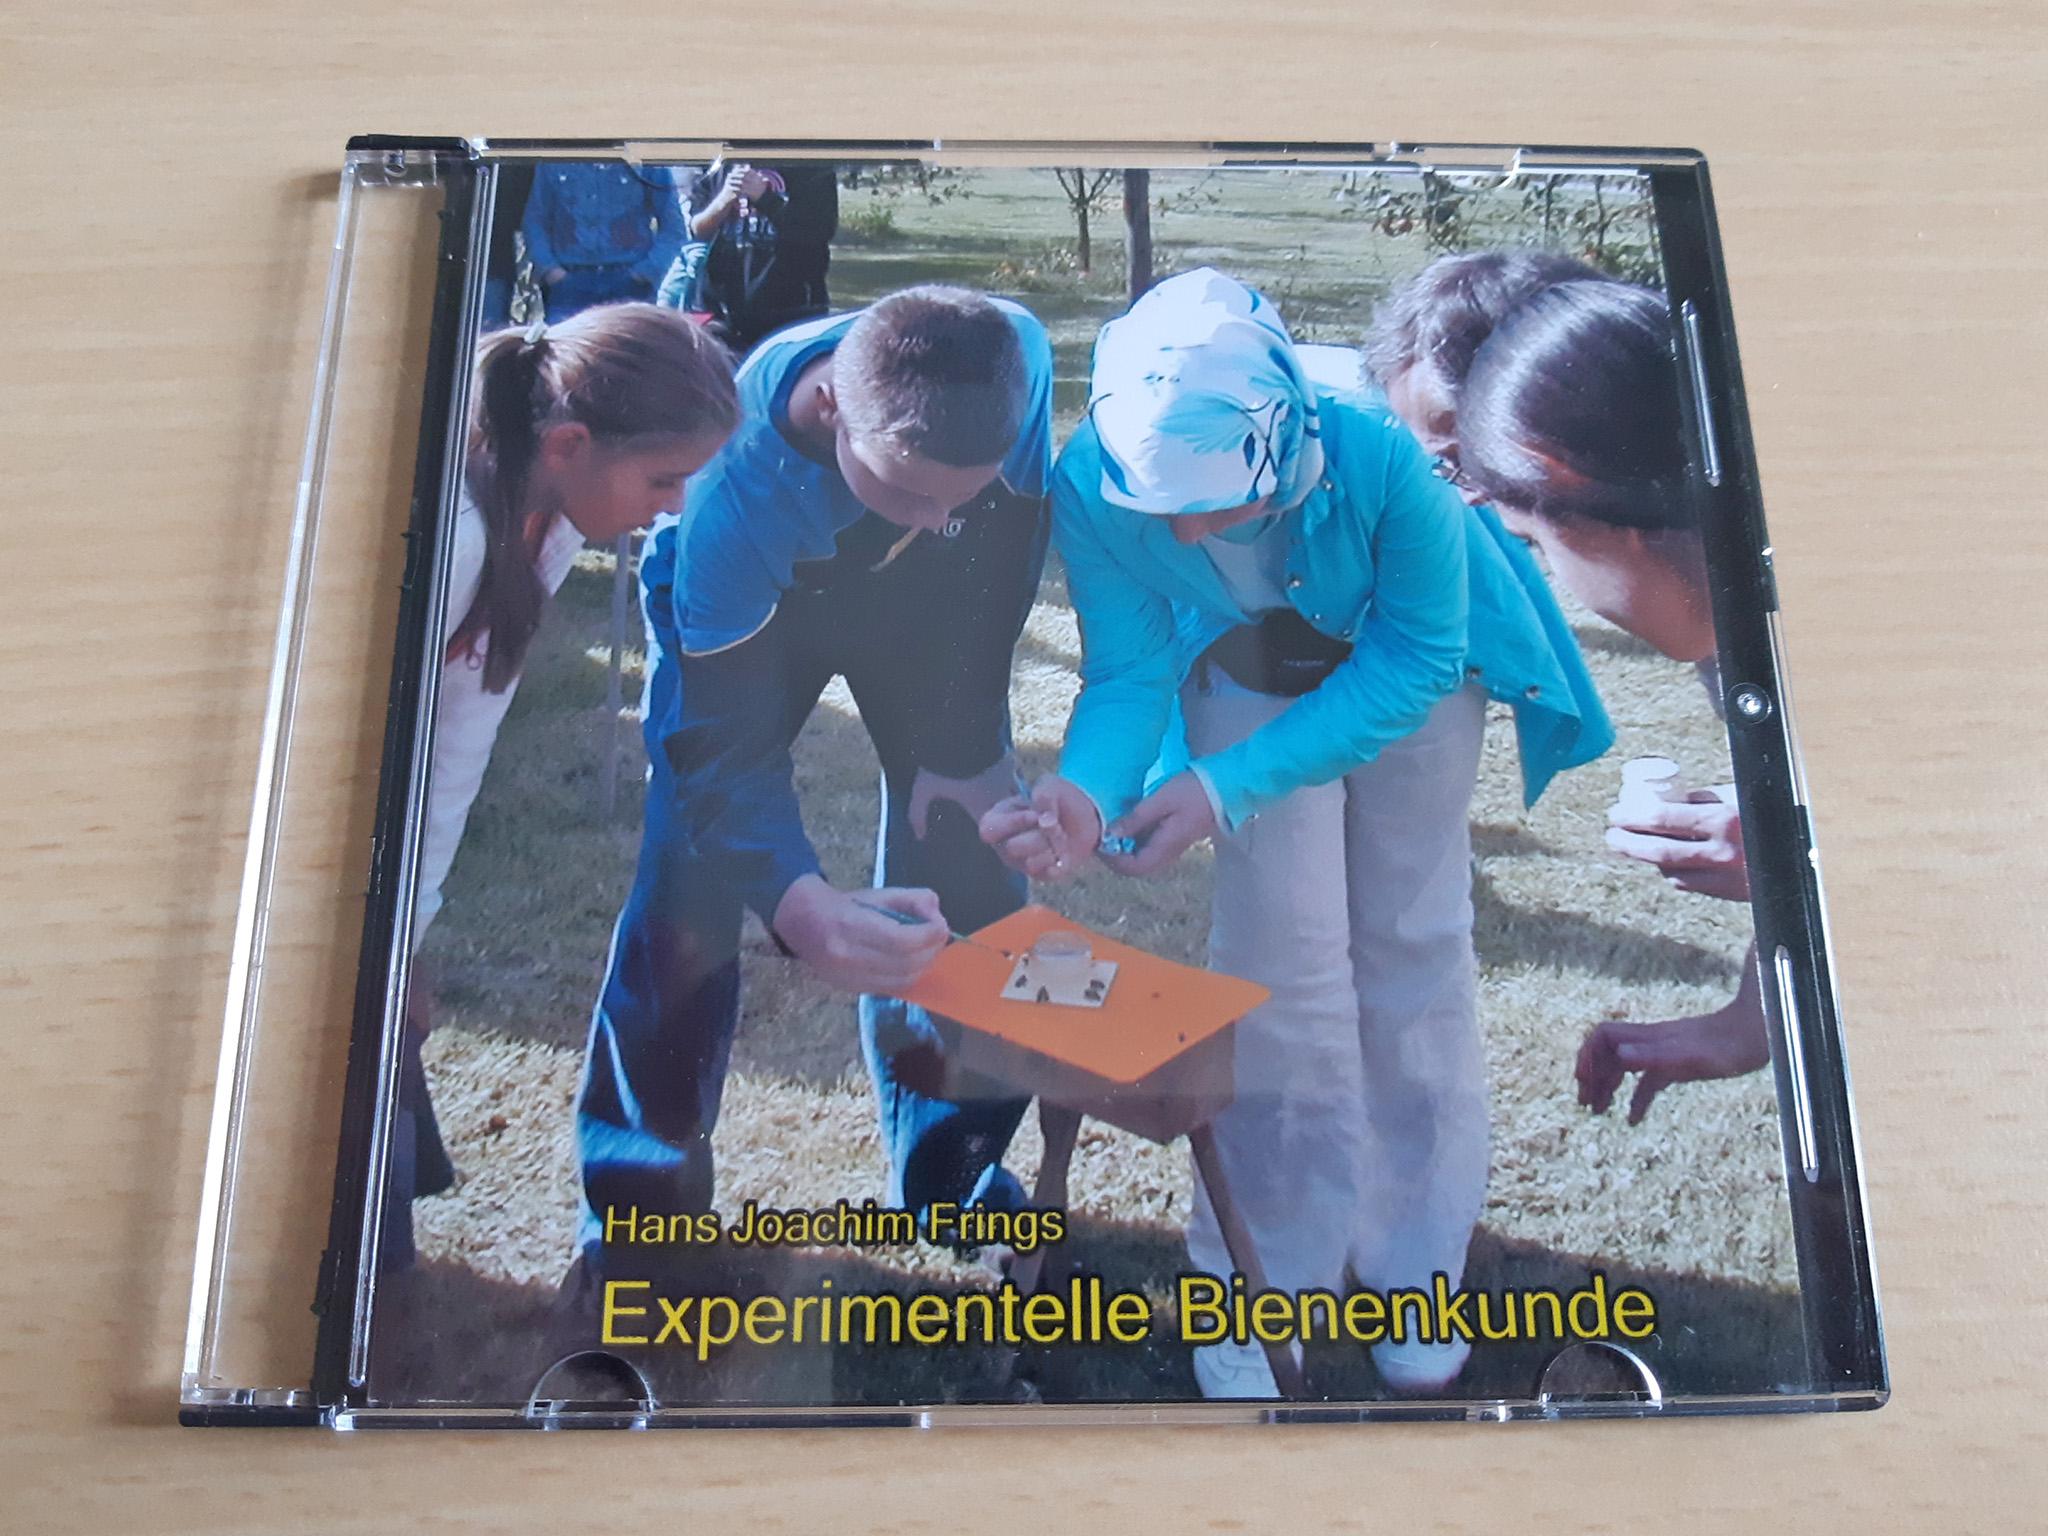 """Eine CD-Hülle mit der Aufschrift """"Experimentelle Bienenkunde"""" liegt auf einem Schreibtisch."""